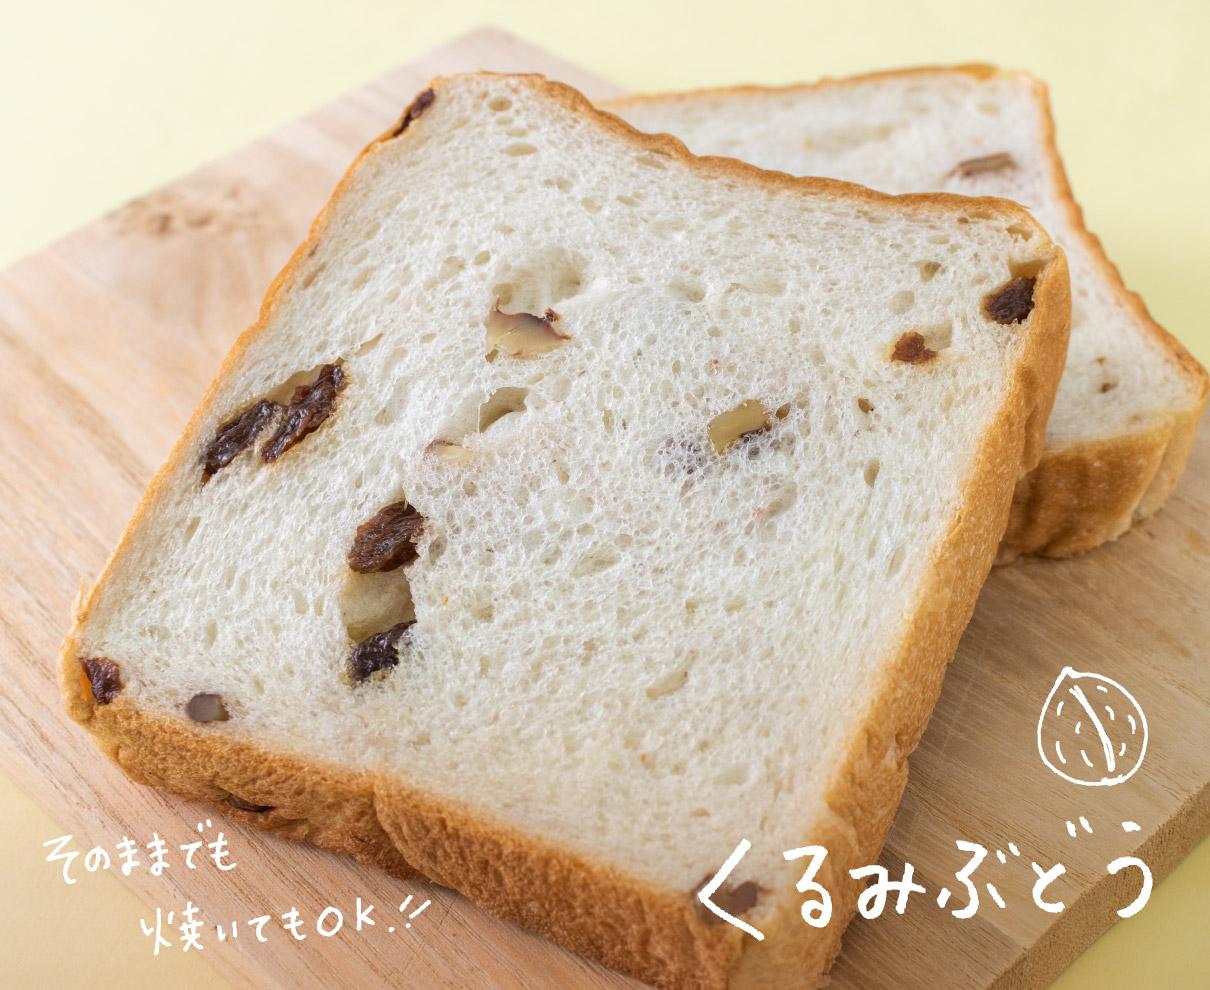 火・木曜限定の絶品食パン。そのままでもトーストでも美味しい「くるみぶどう」|ル・ピュイ